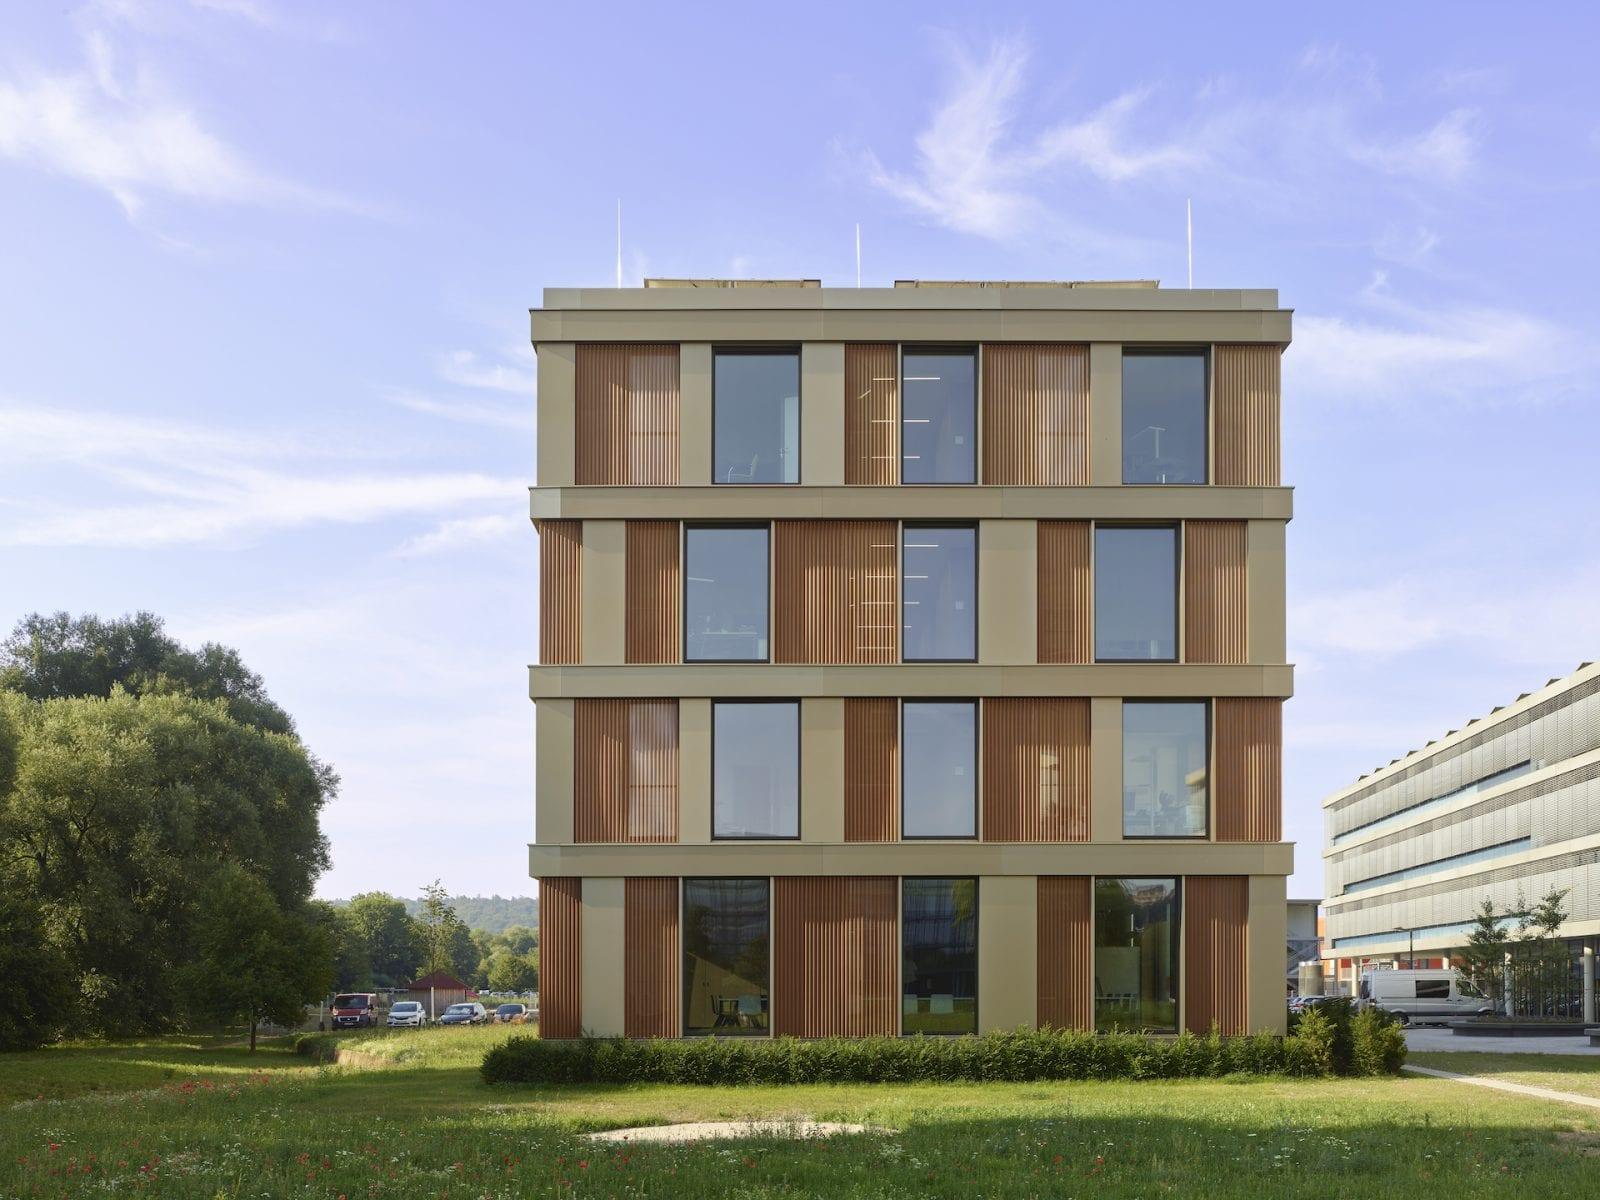 In der idyllischen Umgebung des Mühlbachs erhielt das Landratsamt Tübingen einen Erweiterungsbau von Auer Weber Architekten (Foto: Roland Halbe)